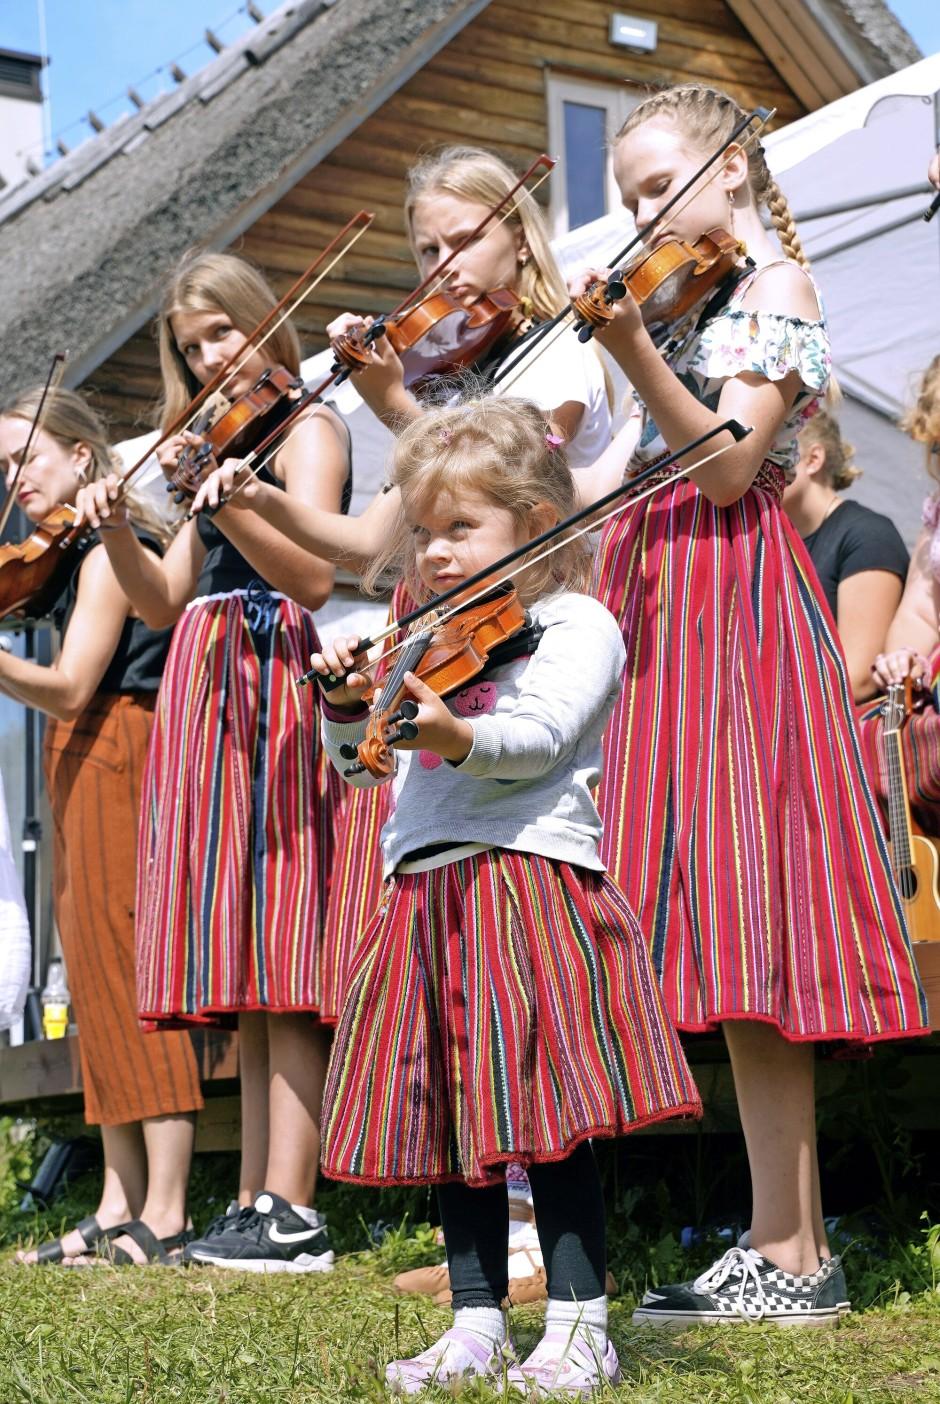 Kinder in den für die Insel typischen Röcken beim Musikfest.